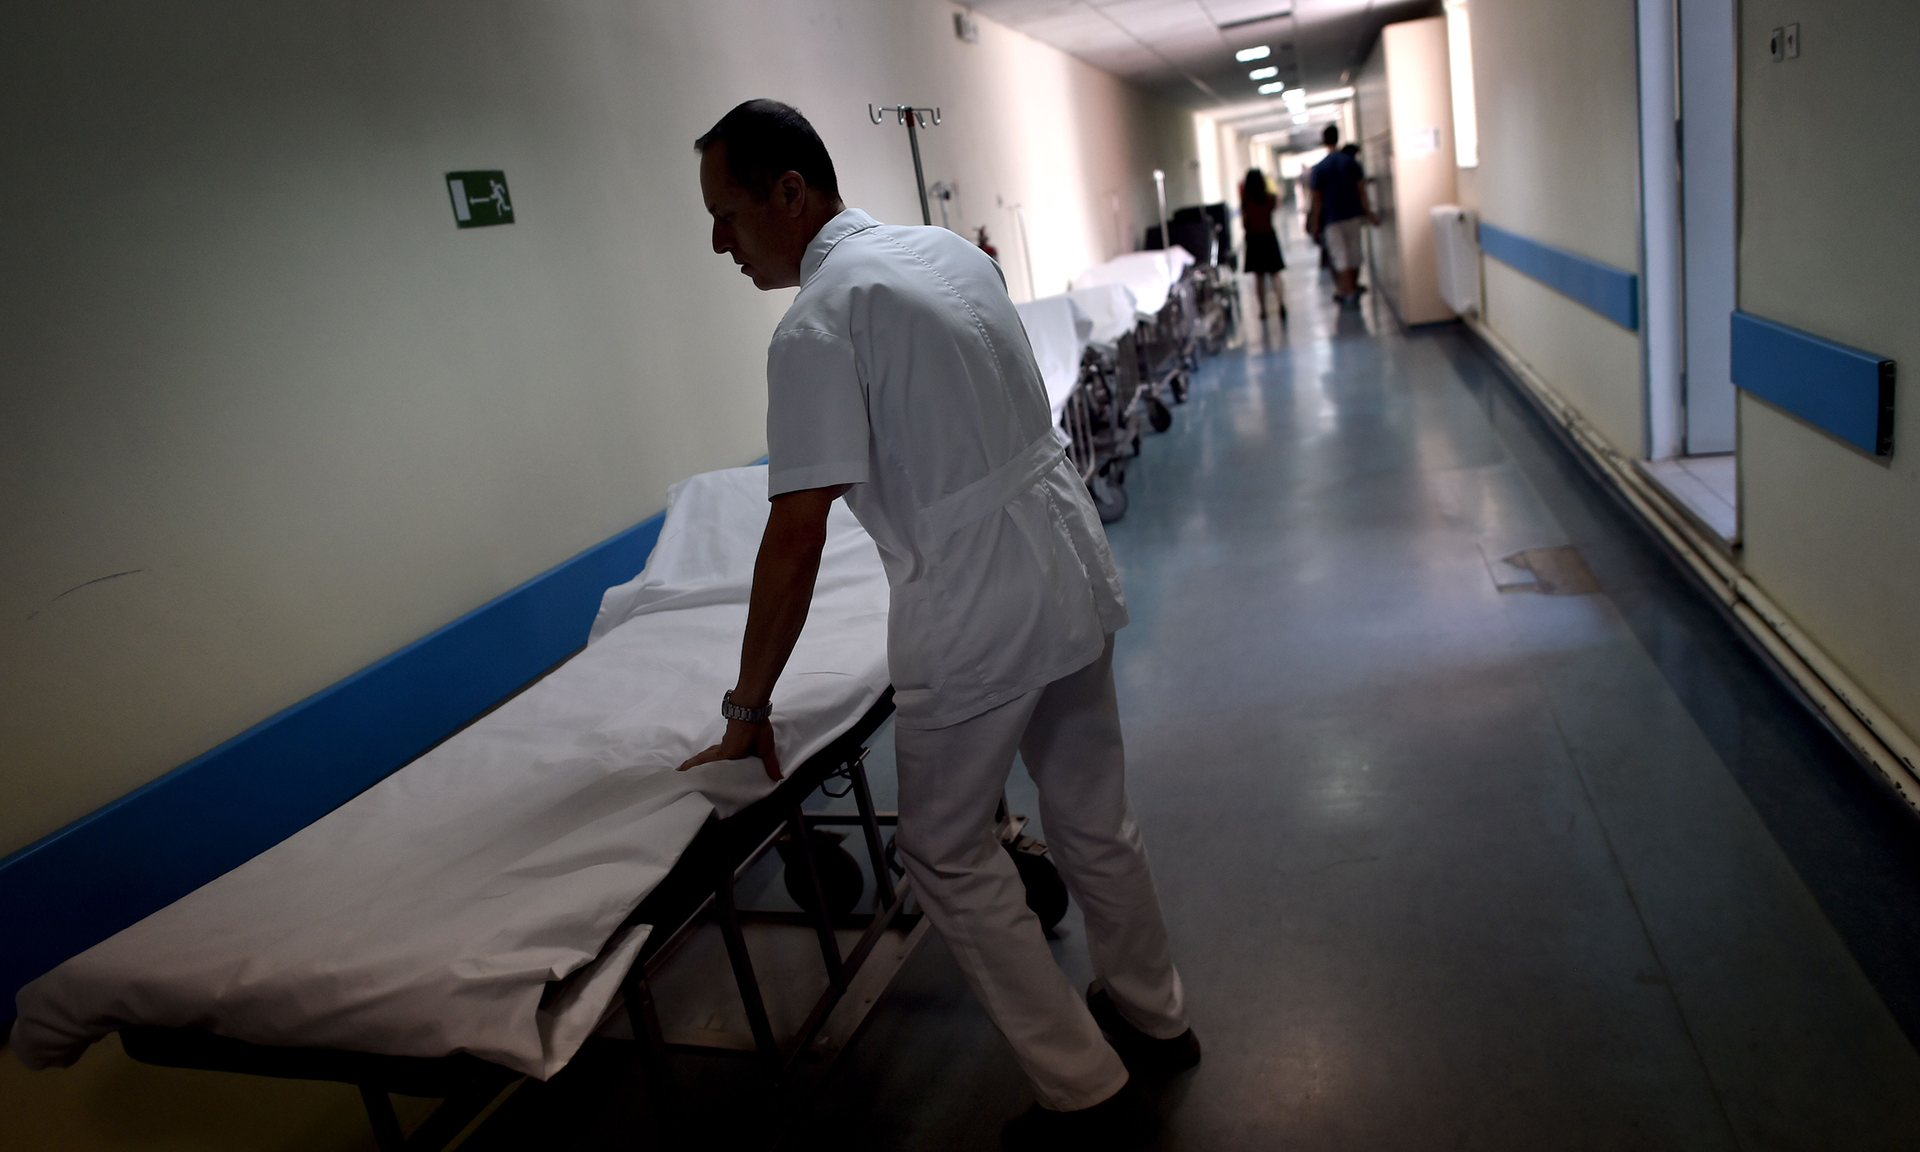 Ένας νοσοκόμος σε δημόσιο νοσοκομείο στην Αθήνα. Πολλοί γιατροί και νοσοκόμοι εργάζονται υπερωρίες ώστε να μην καταρρεύσει το σύστημα δημόσιας υγείας. Φωτογραφία: Aris Messinis/AFP/Getty Images